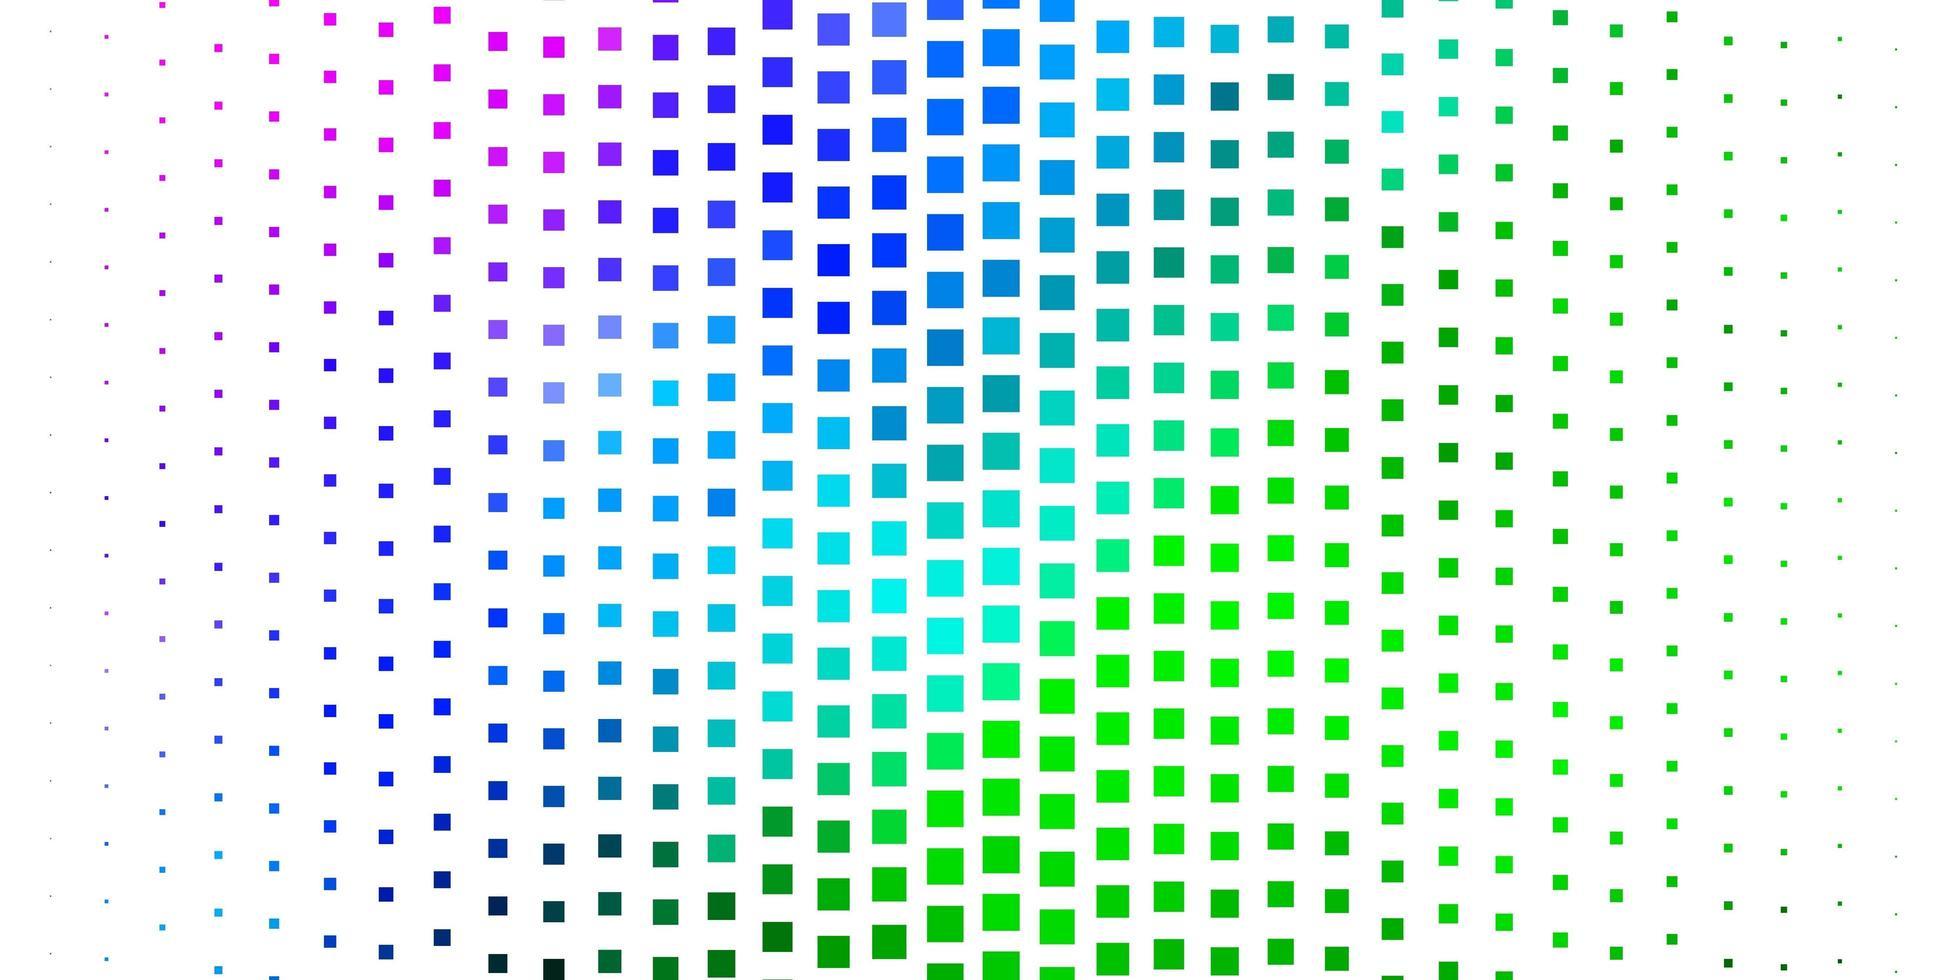 hellrosa, grüner Vektorhintergrund im polygonalen Stil. vektor